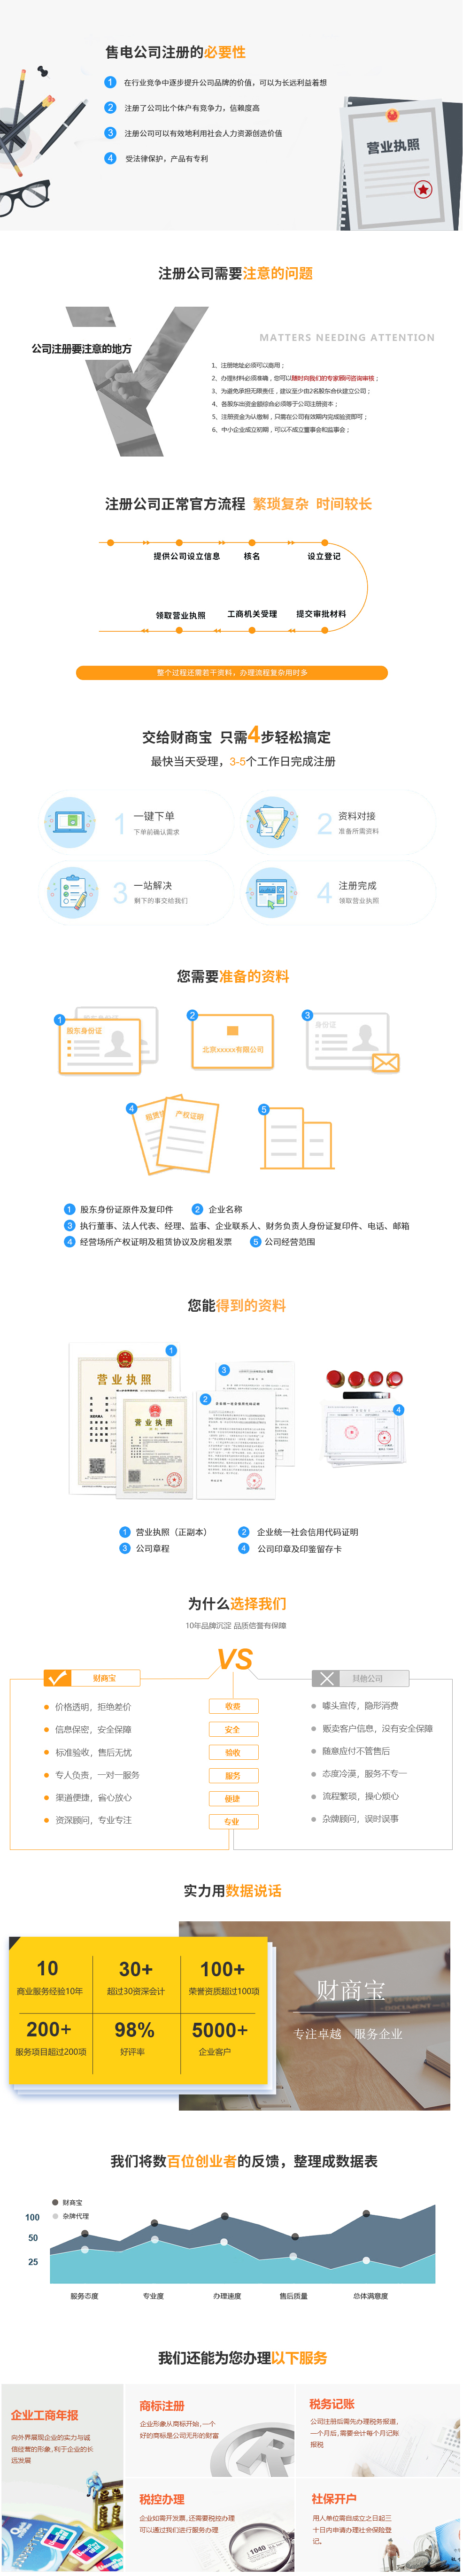 售电公司注册.jpg